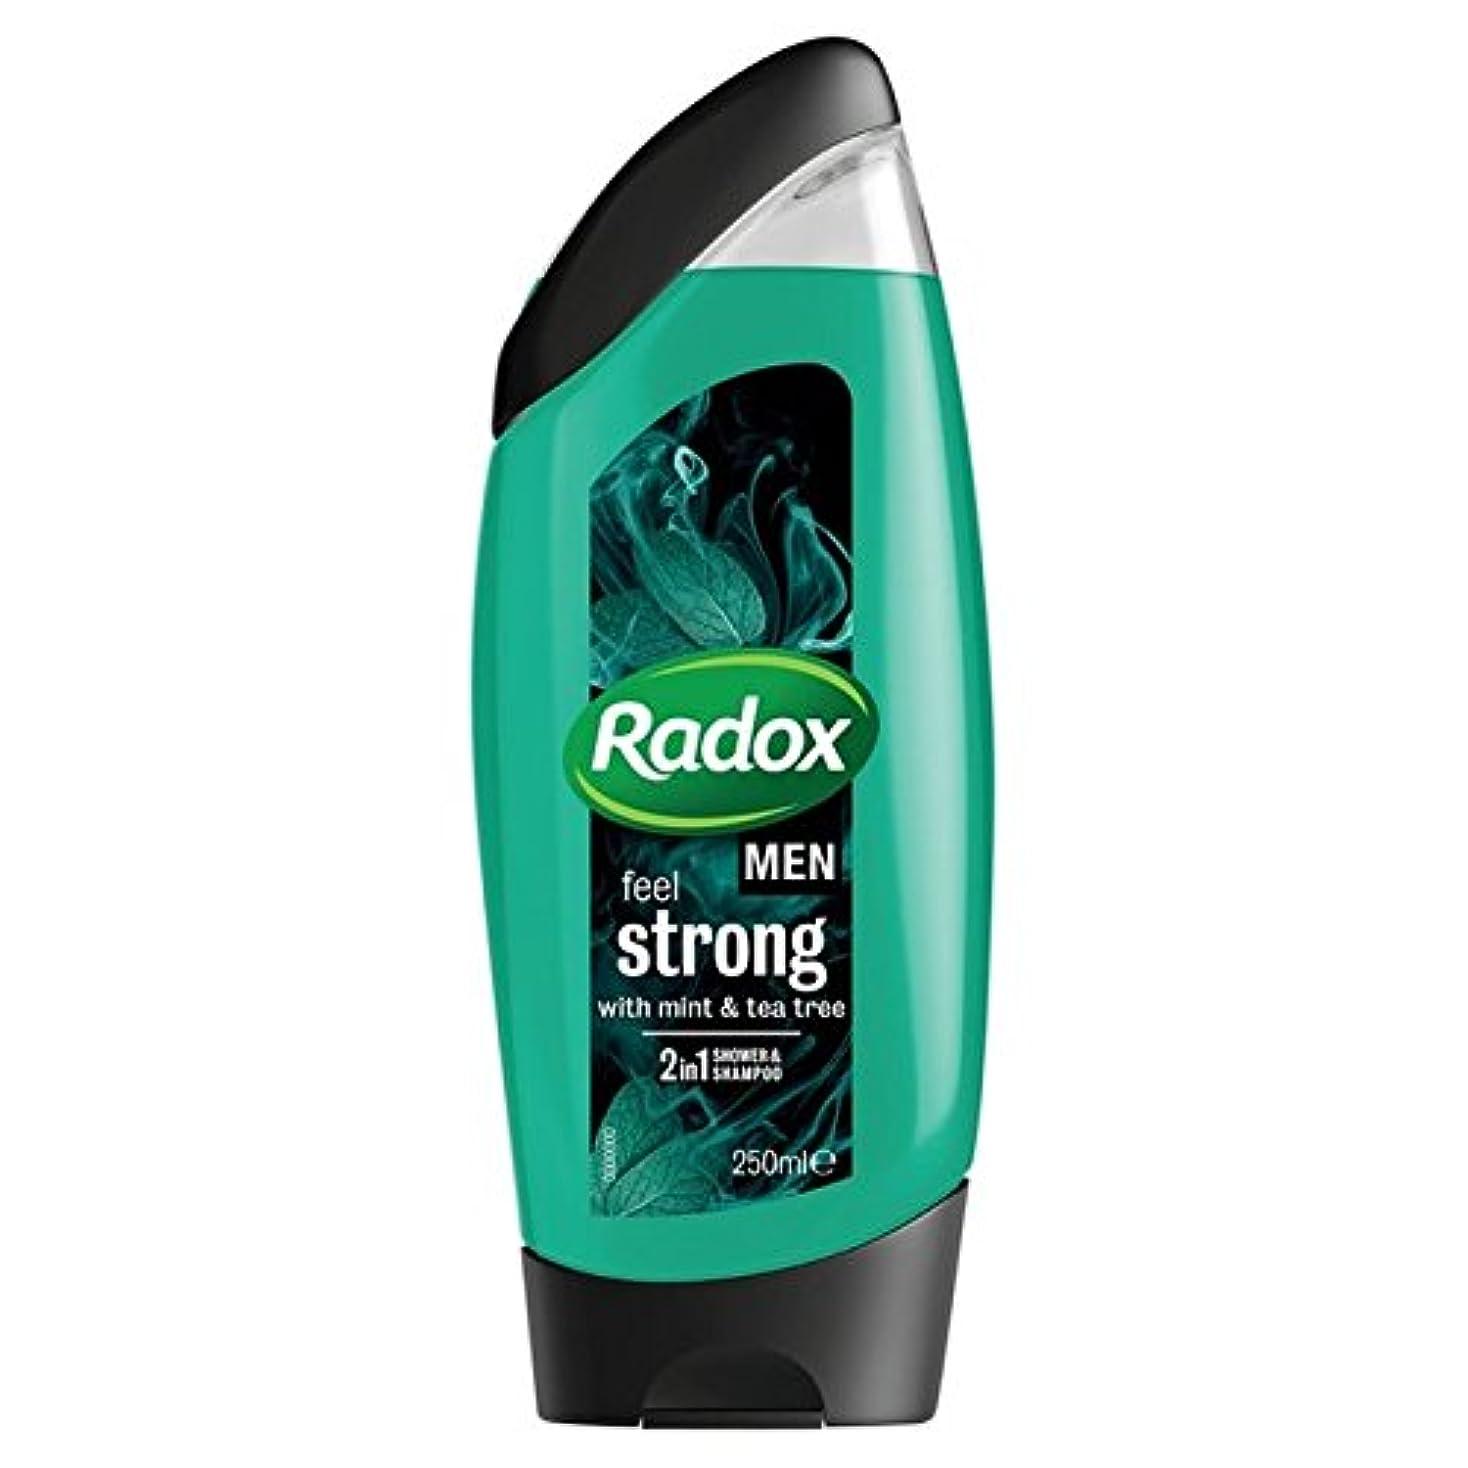 繕う人間乱暴なRadox Men Feel Strong Mint & Tea Tree 2in1 Shower Gel 250ml (Pack of 6) - 男性は、強力なミント&ティーツリーの21のシャワージェル250ミリリットルを感じます x6 [並行輸入品]